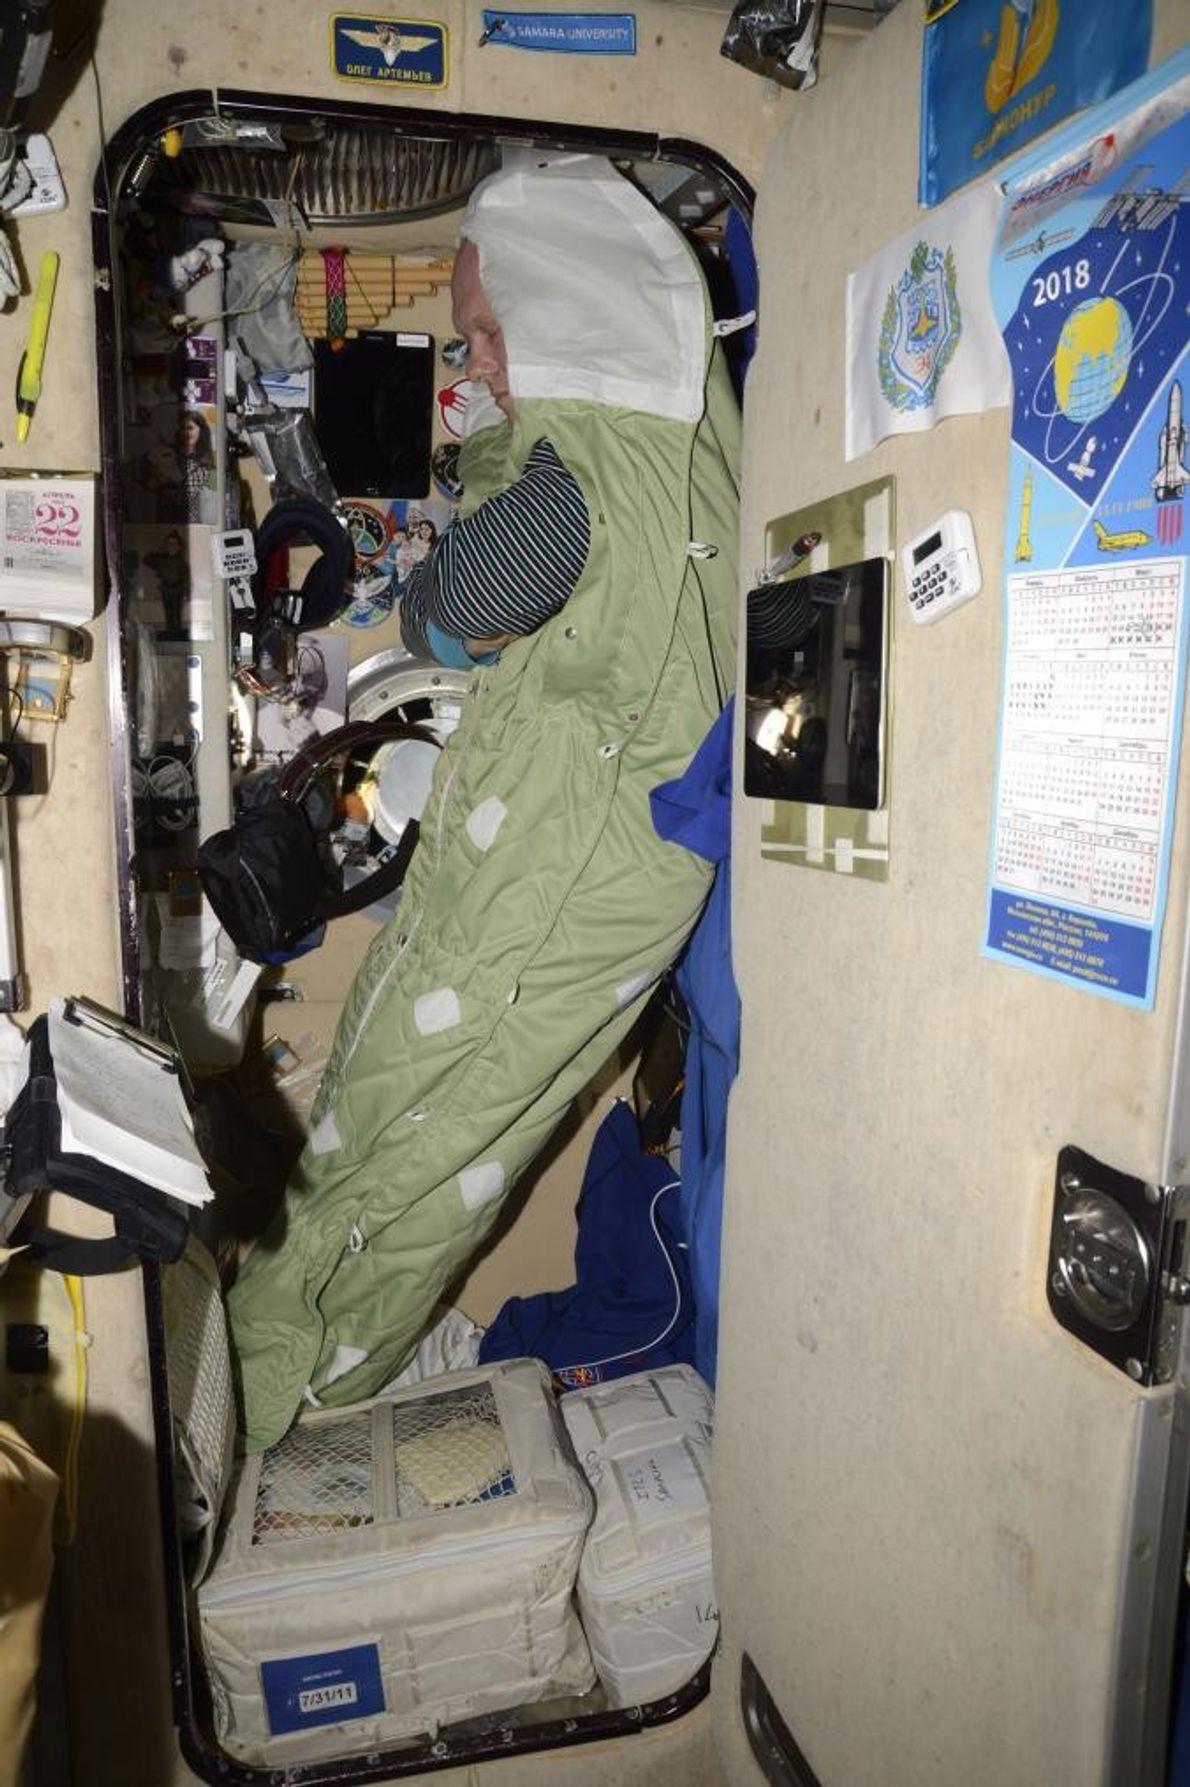 O cosmonauta Oleg Germanovich Artemyev dorme na vertical, com gravidade zero.